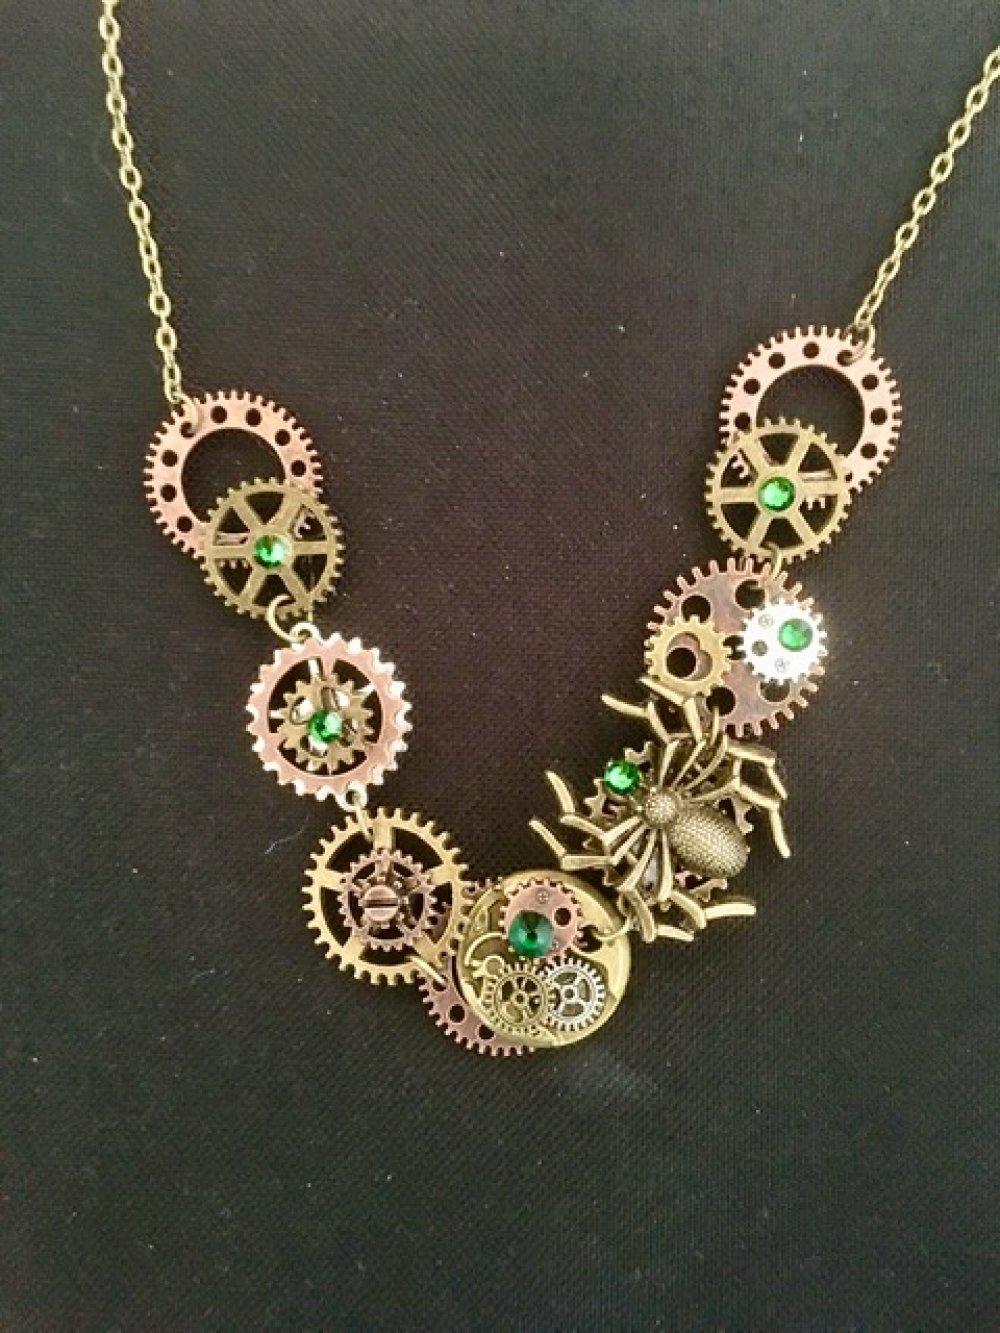 Collier steampunk araignée verte avec rouages et cristal Swarovski